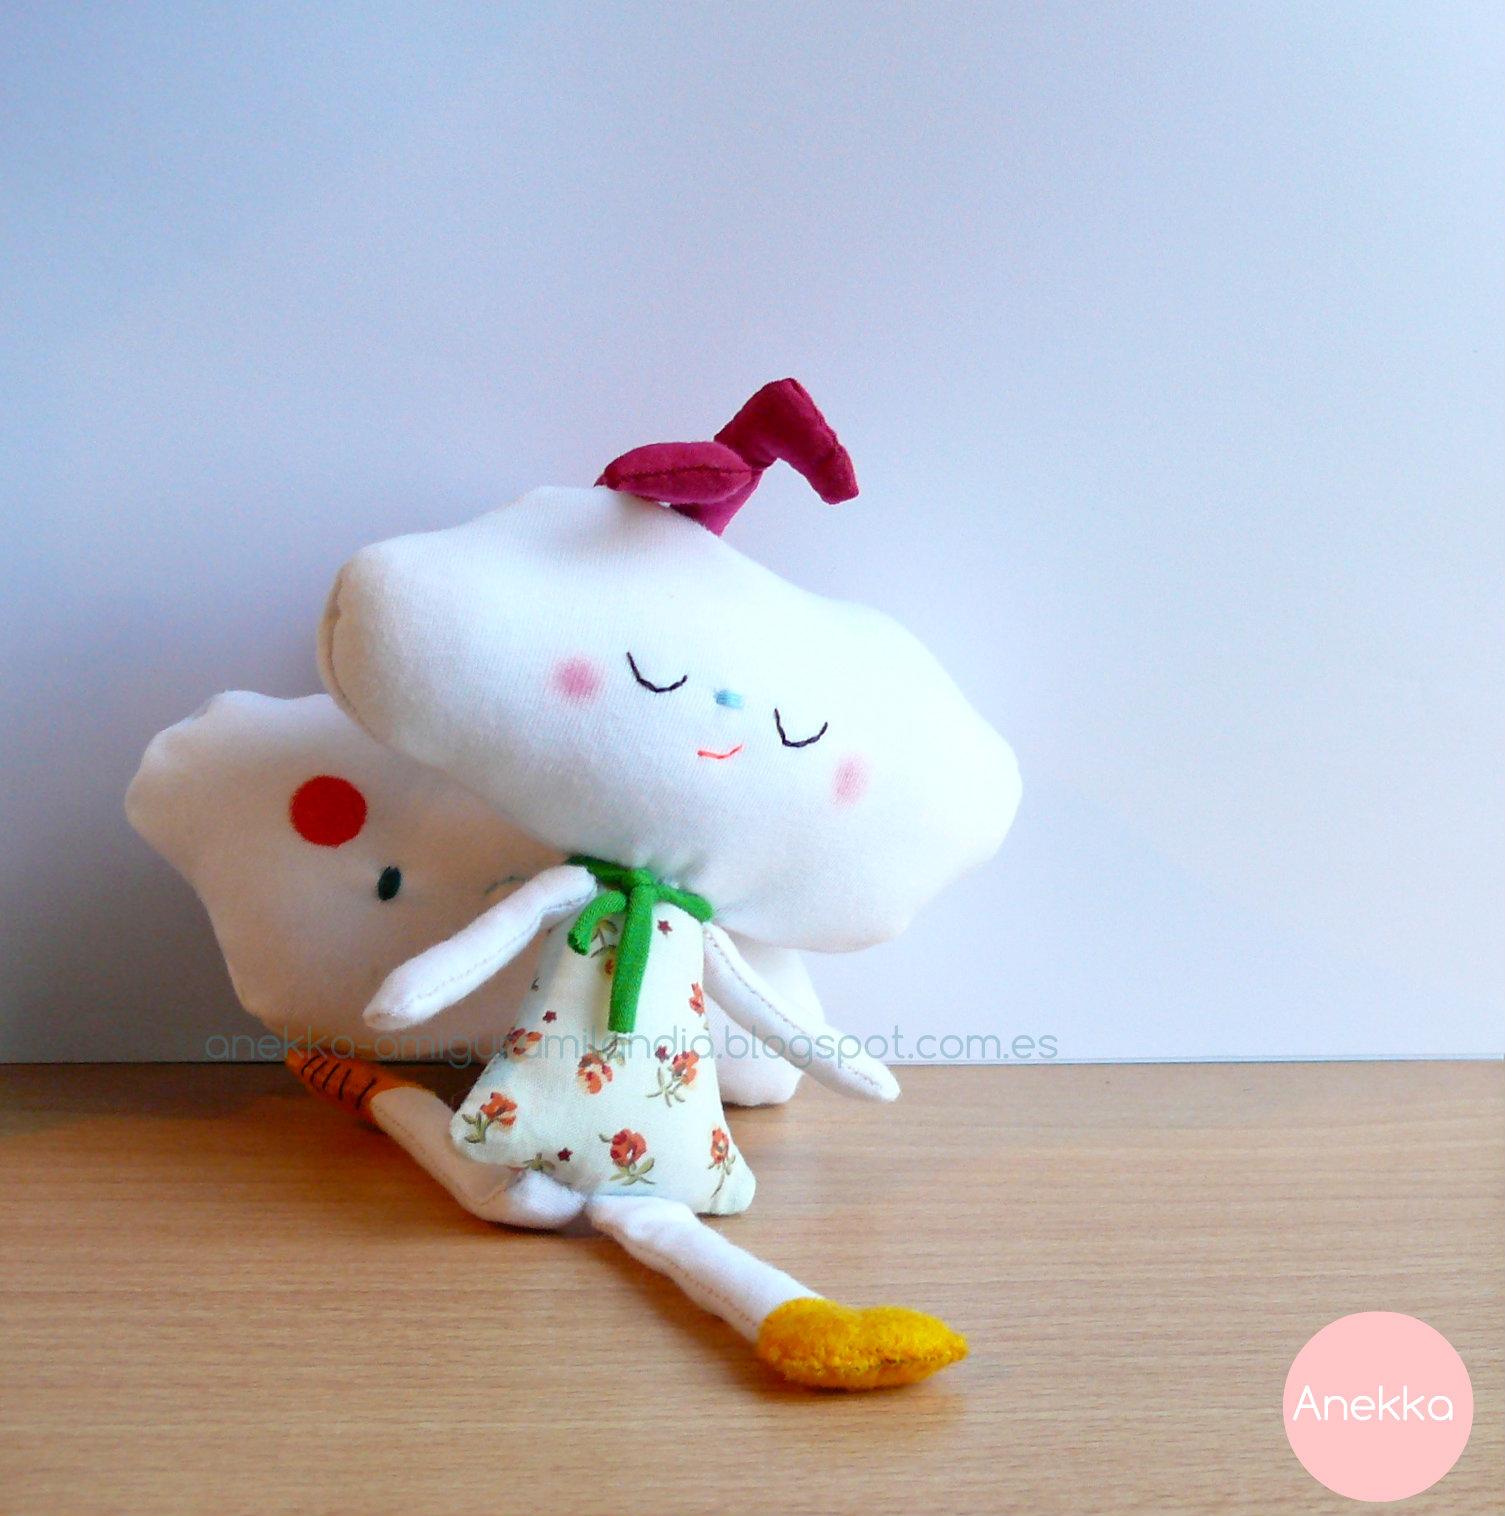 cloud doll anekka handmade